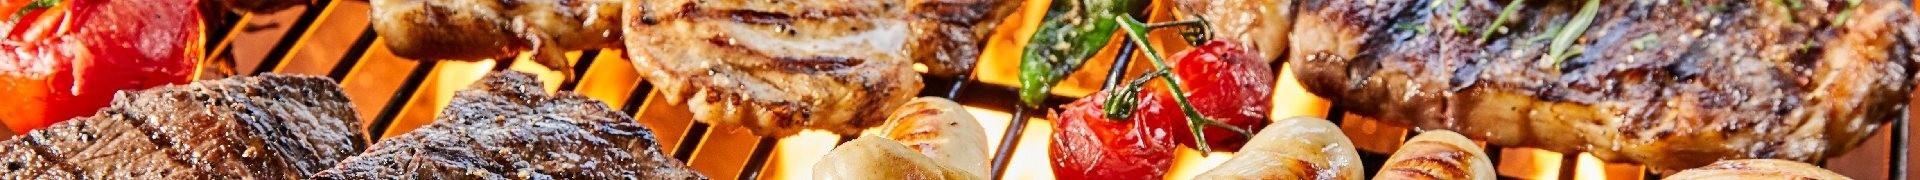 Mezeluri și Specialități din carne congelate / fresh